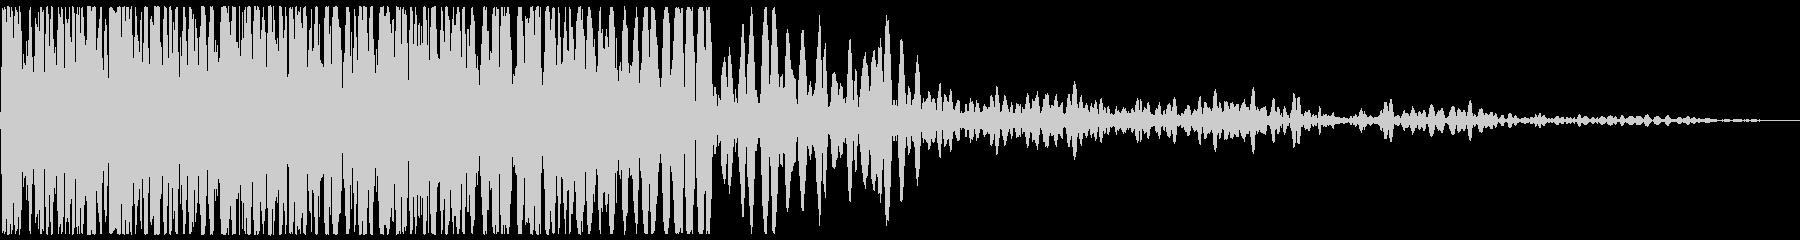 ドカーン(爆発音と煙)の未再生の波形